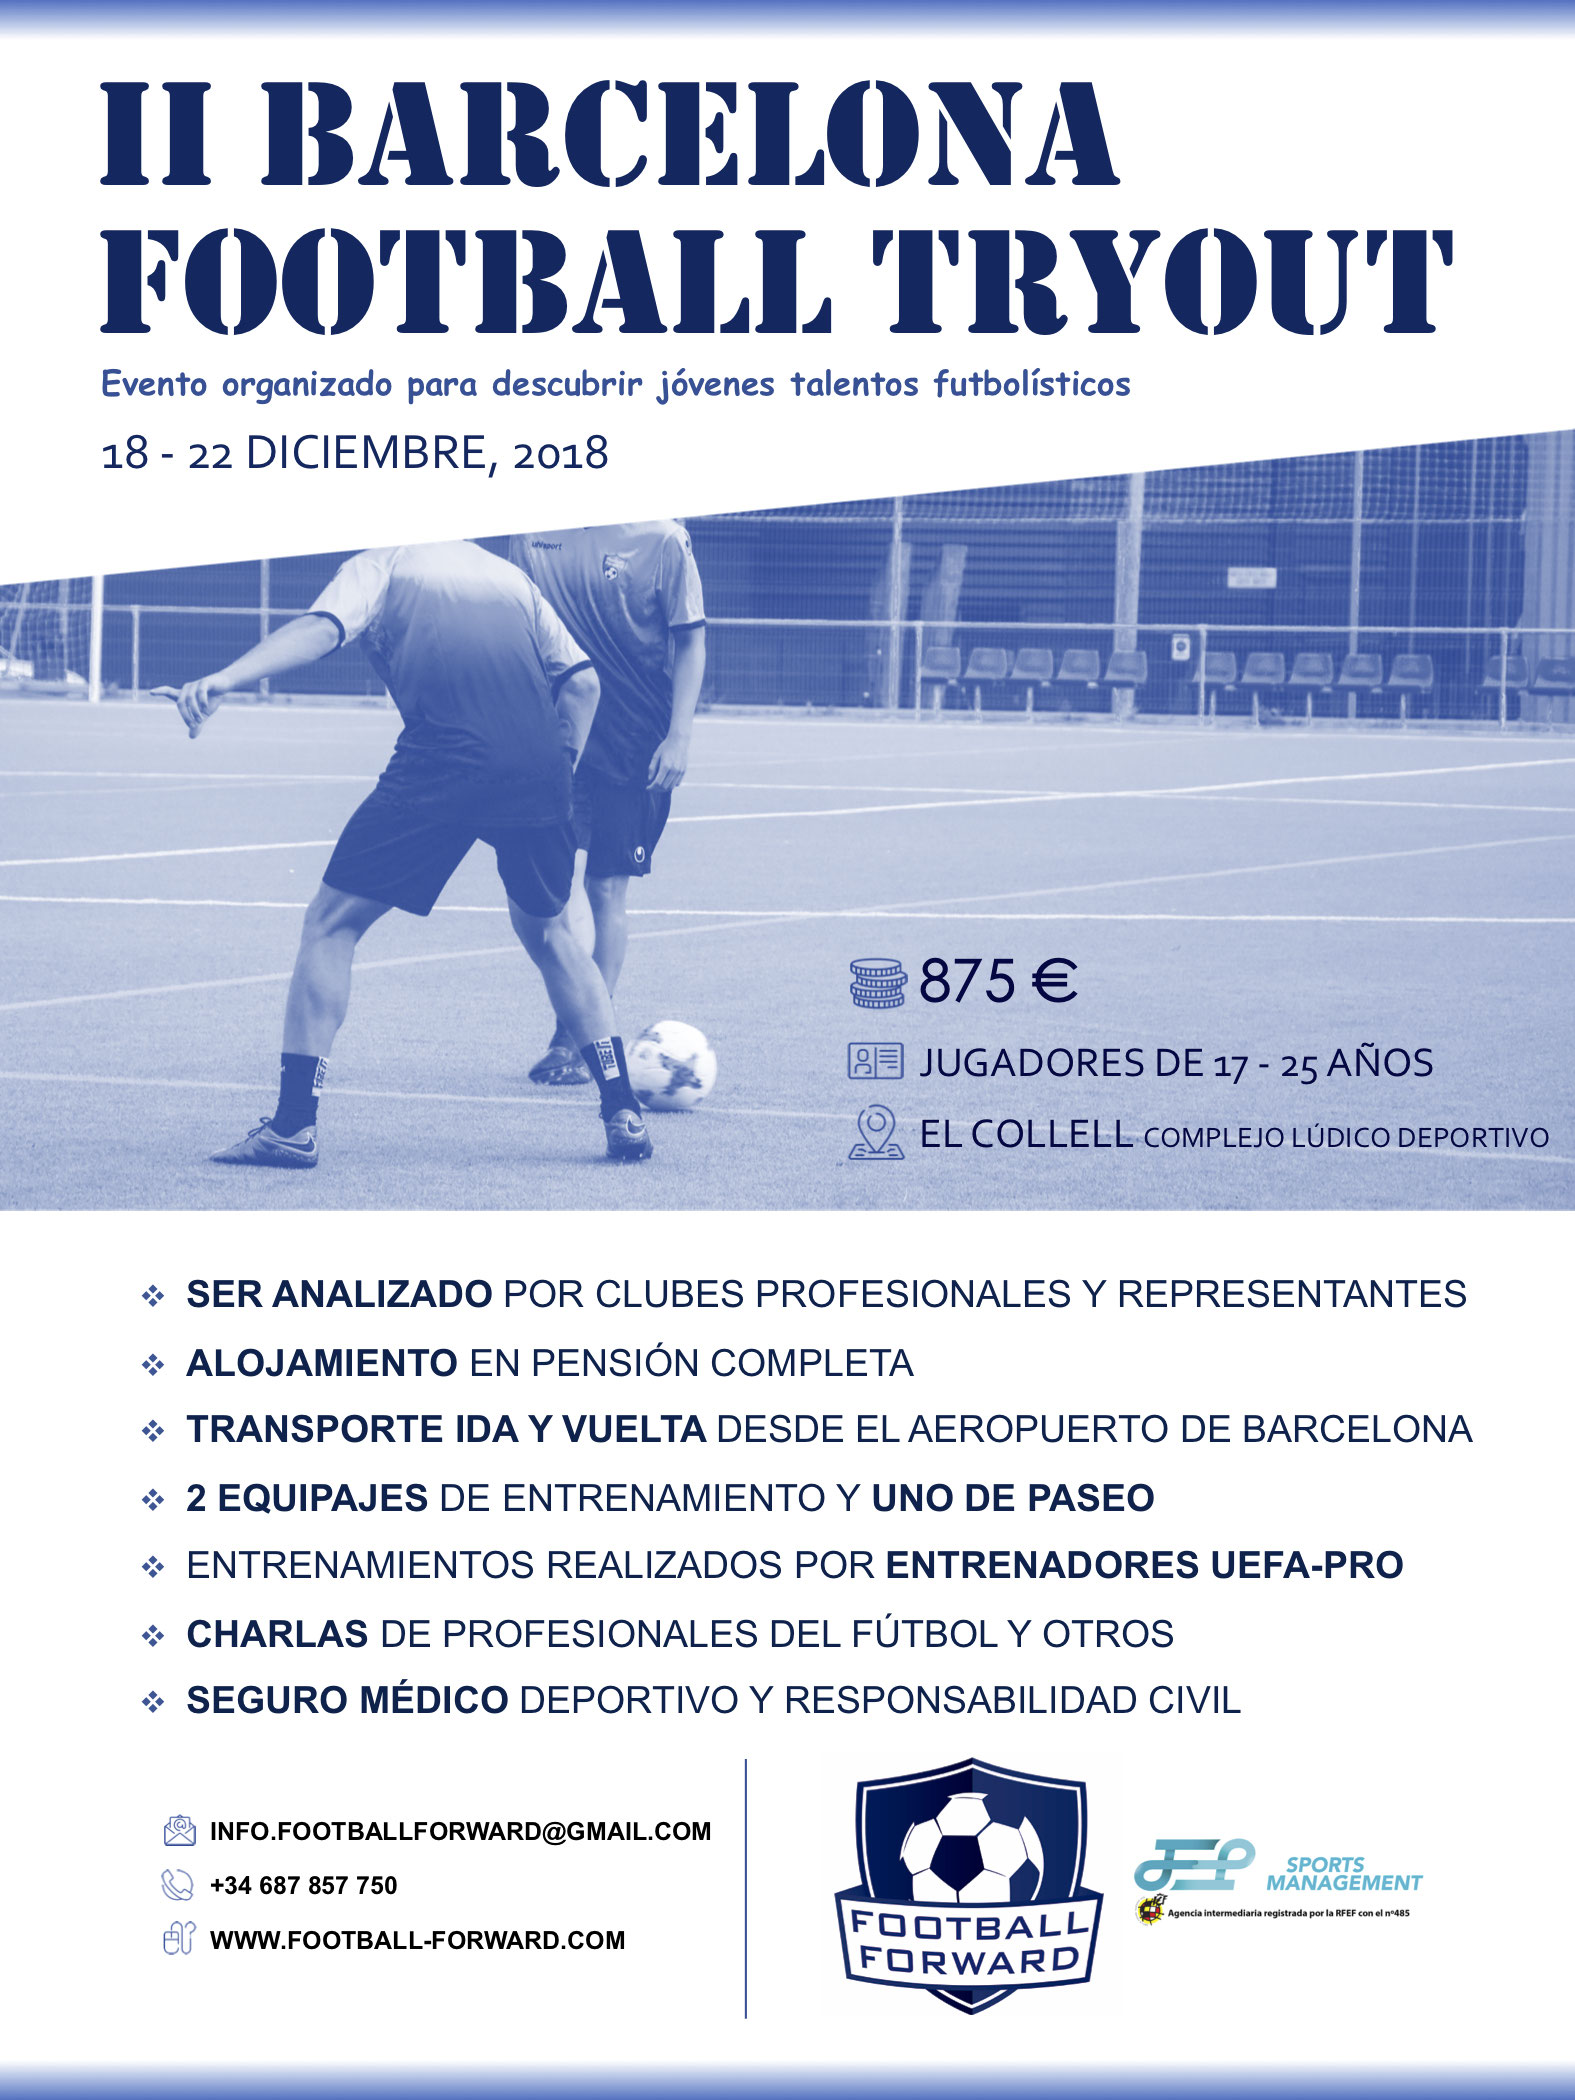 II Edición de los Tryouts Football Barcelona - agentes fifa 0791006d87343